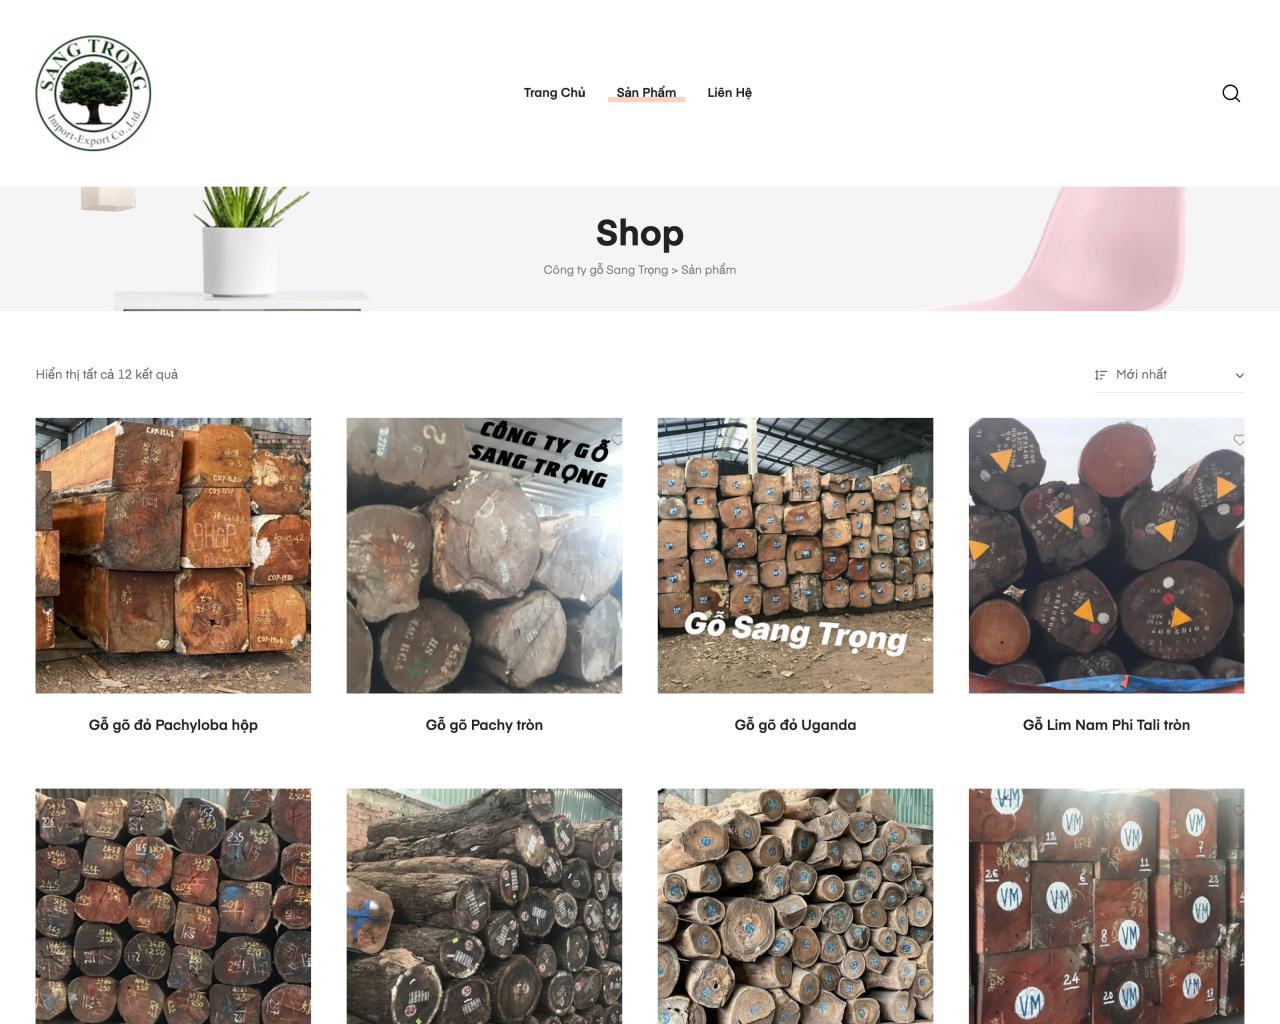 Website vật dụng trang trí nội thất - interior decoration-1